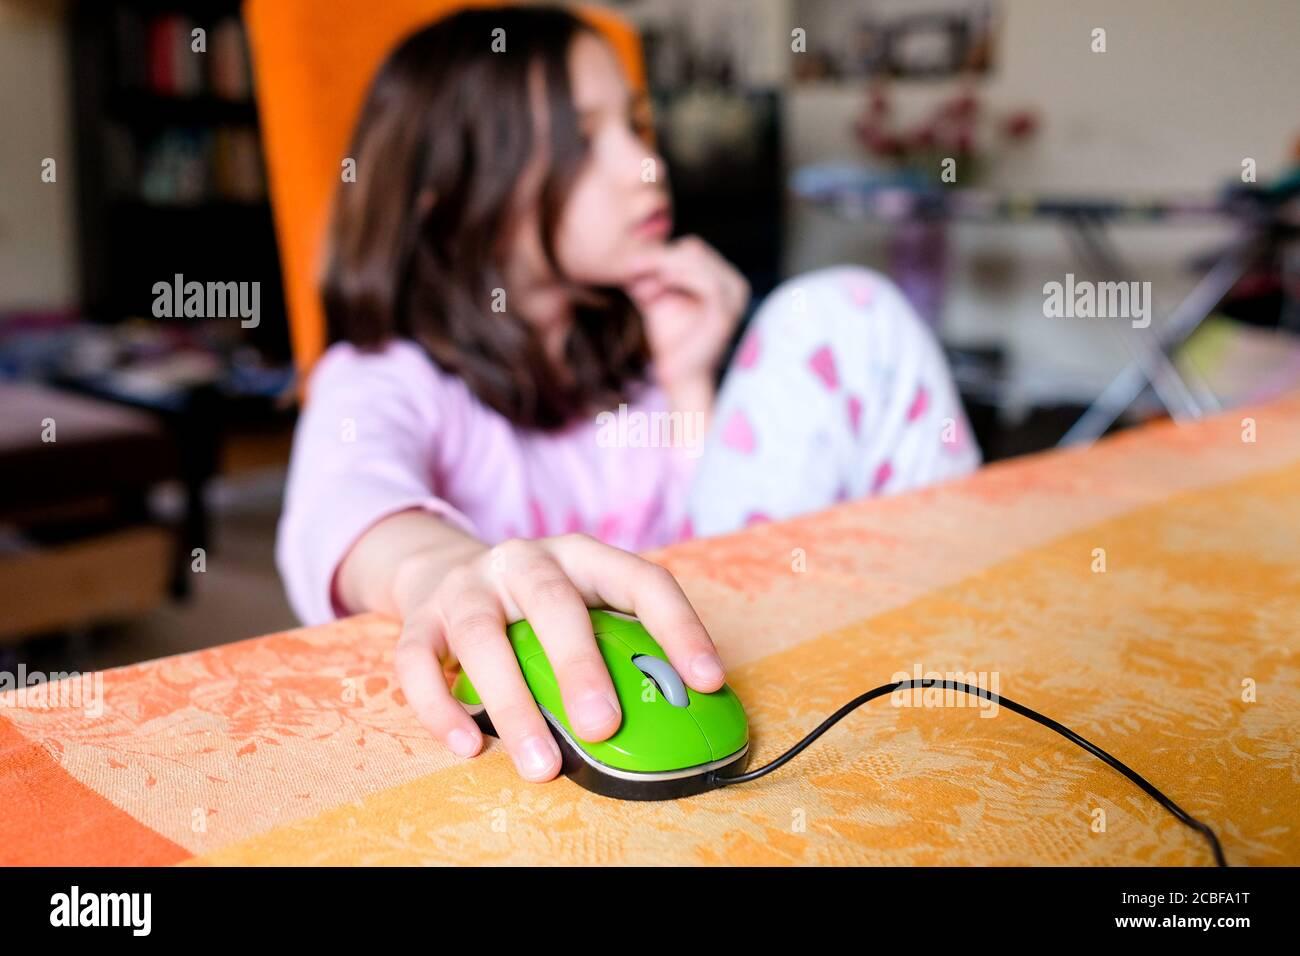 La fille contrôle la souris d'ordinateur. L'enfant est assis sur une chaise à la maison. Étudier à la maison. Banque D'Images